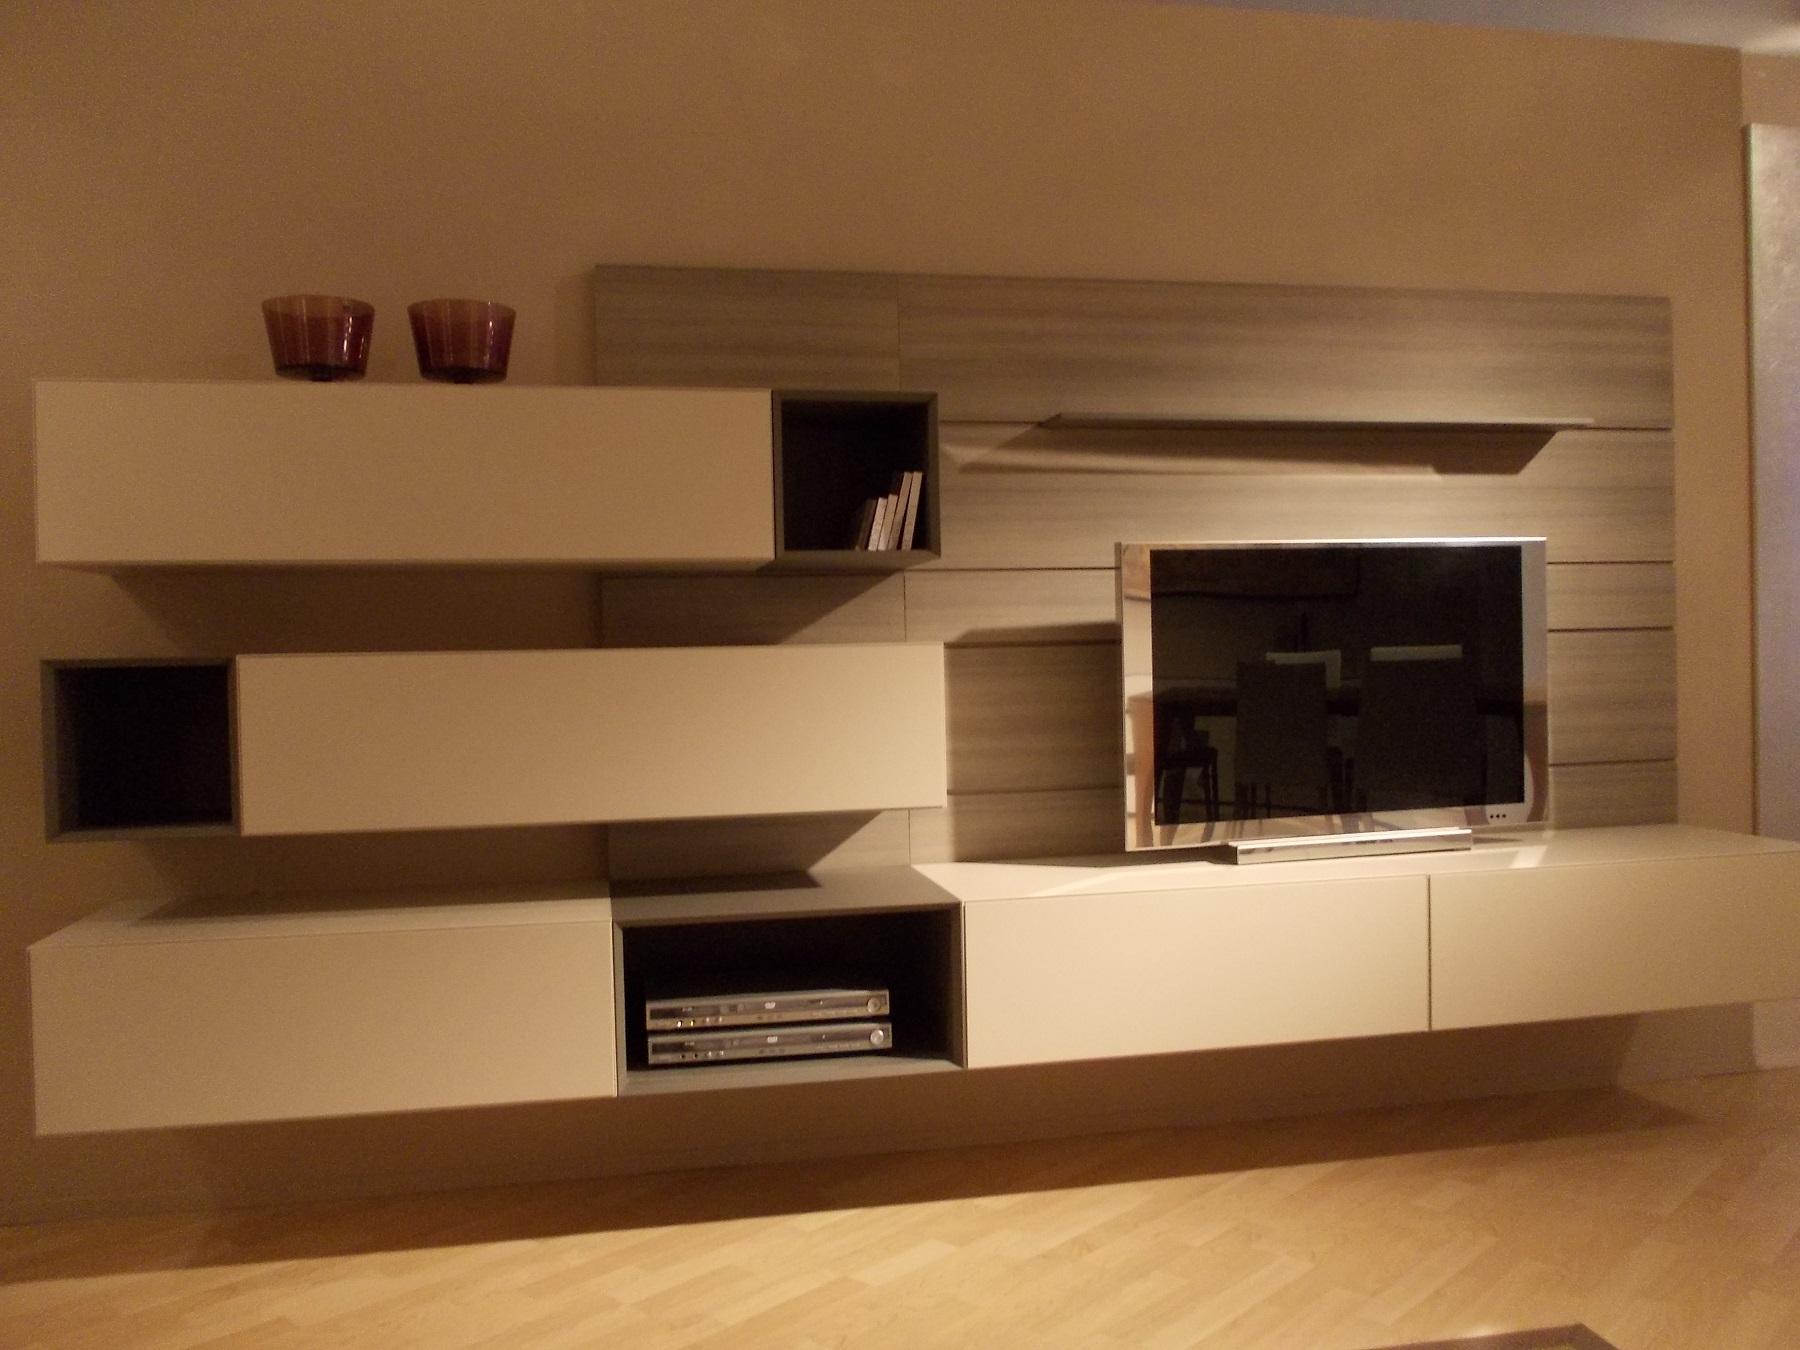 Soggiorno modulnova more laccato opaco pareti attrezzate design soggiorni a prezzi scontati - Pareti attrezzate design ...